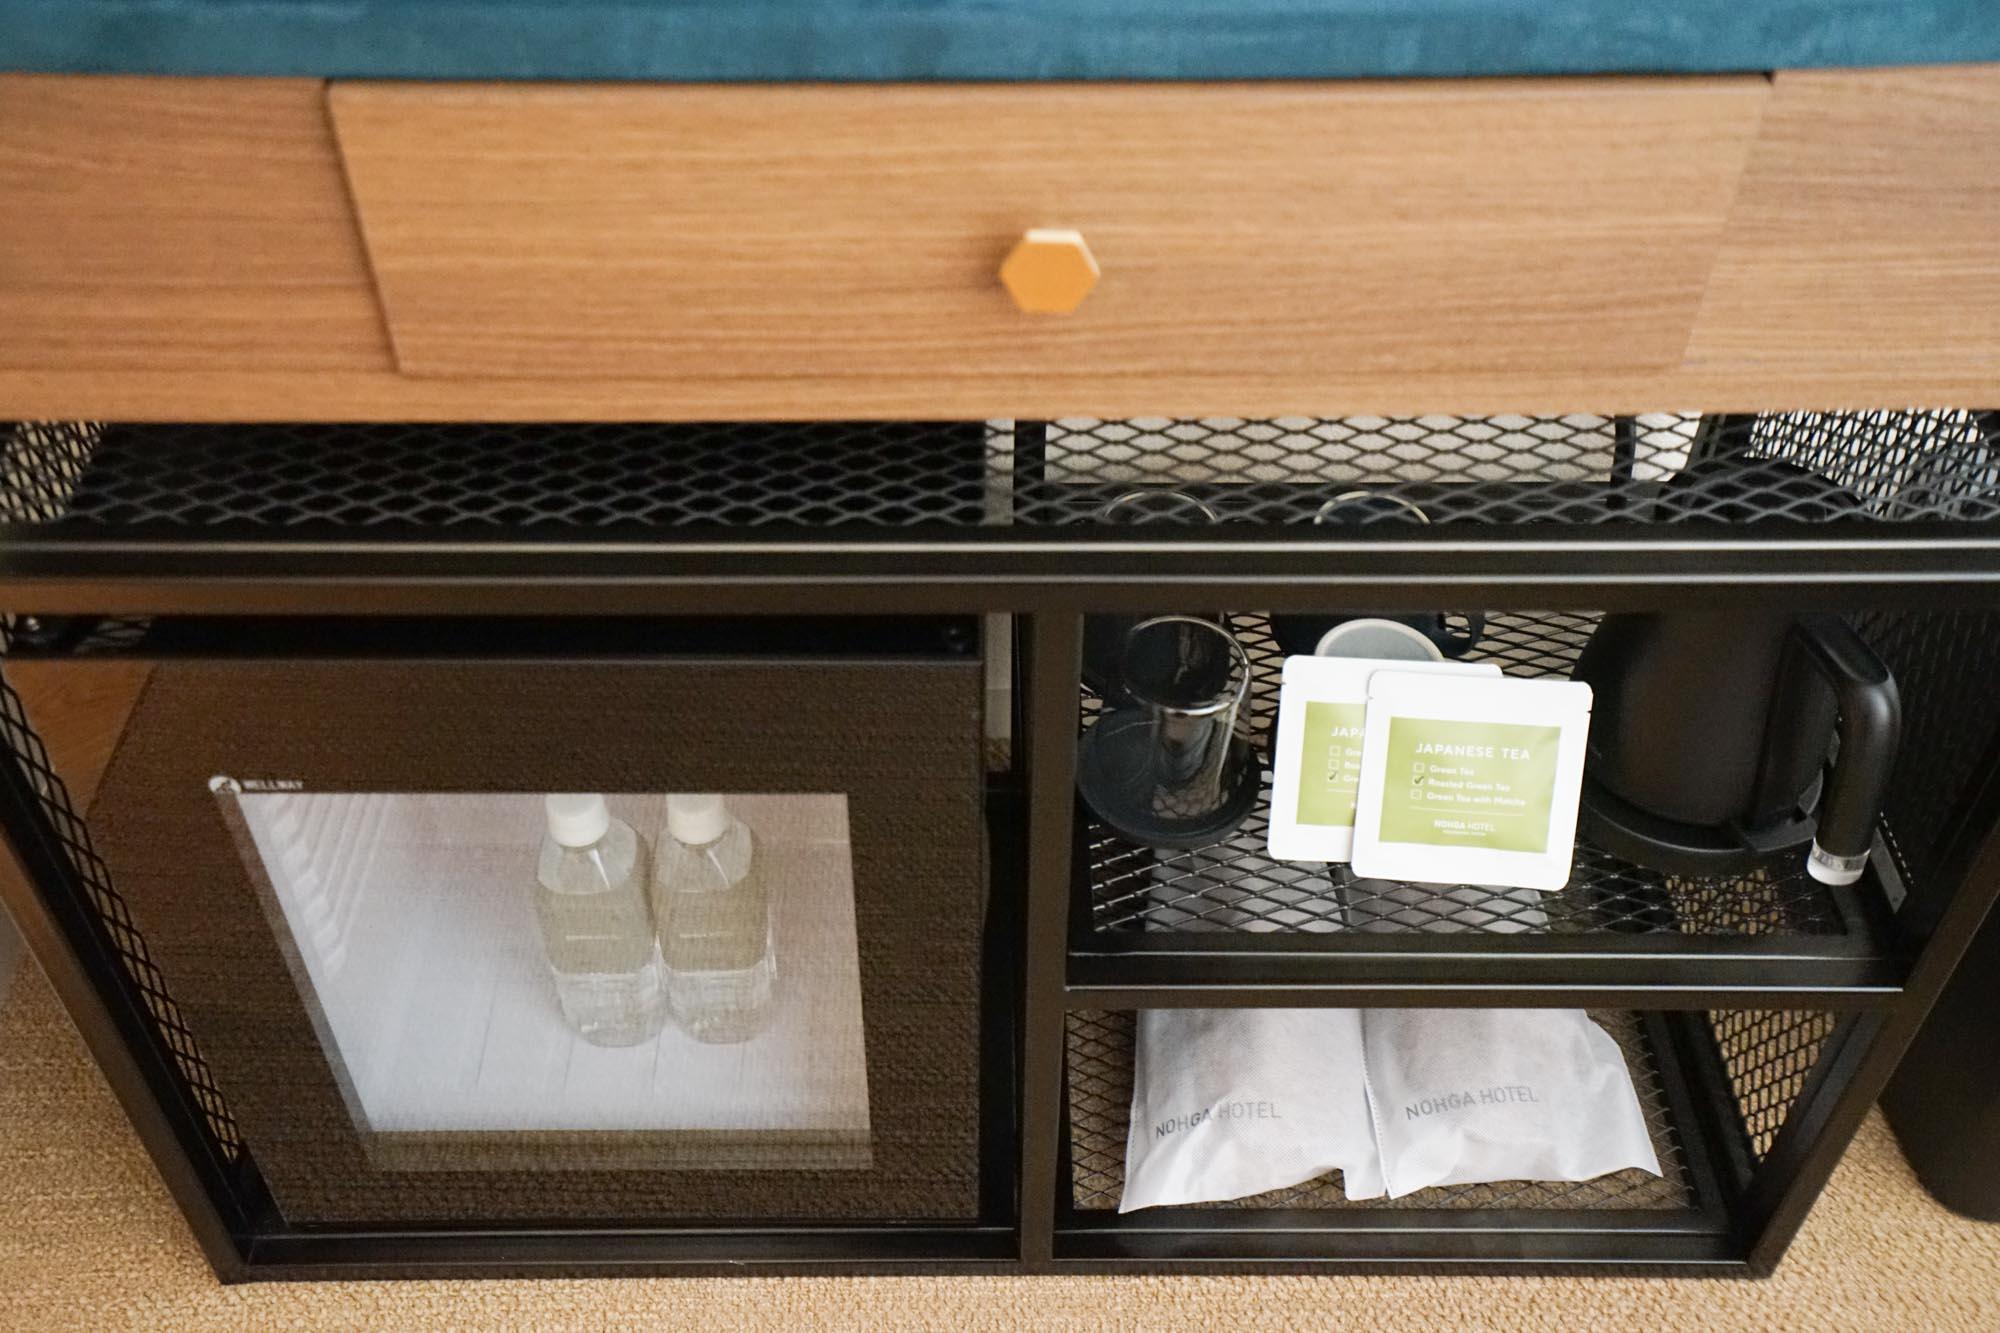 おしゃれな冷蔵庫、それにウエルカムドリンクなどがセットされています。